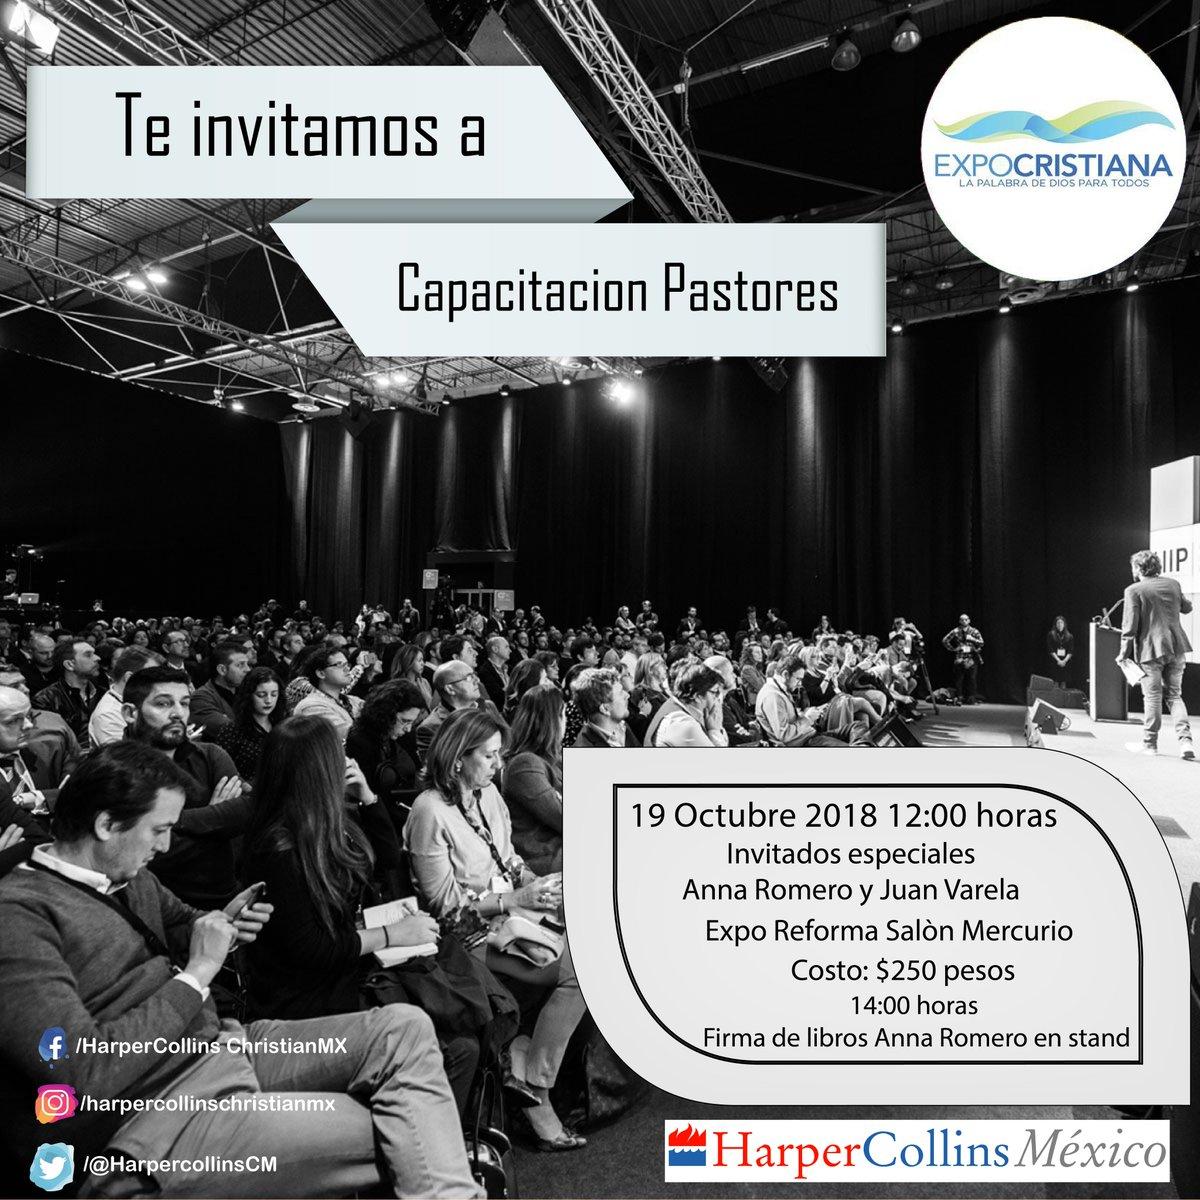 """Te invitamos a que asistas a nuestra conferencia """"Capacitacion Pastores"""" en #Expocristiana2018 con Anna Romero y Juan Varela. Al terminar tendremos una firma de libros en nuestro stand con Anna Romero. #ExpoReforma #Cristiano"""